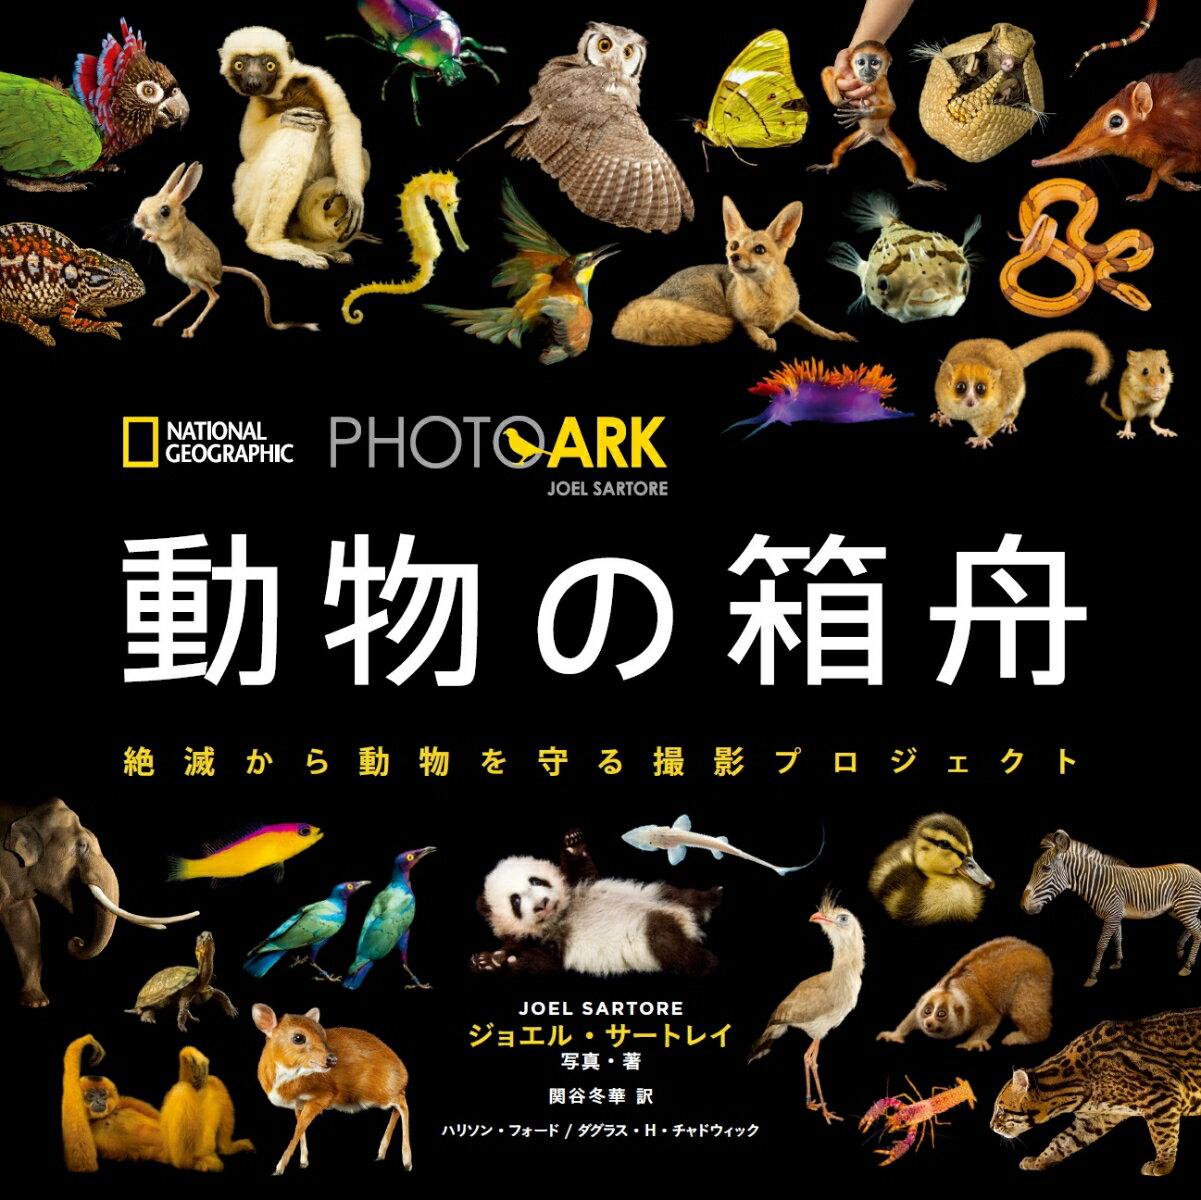 動物の箱舟 PHOTO ARK 絶滅から動物を守る撮影プロジェ [ ジョエル・サートレイ ]